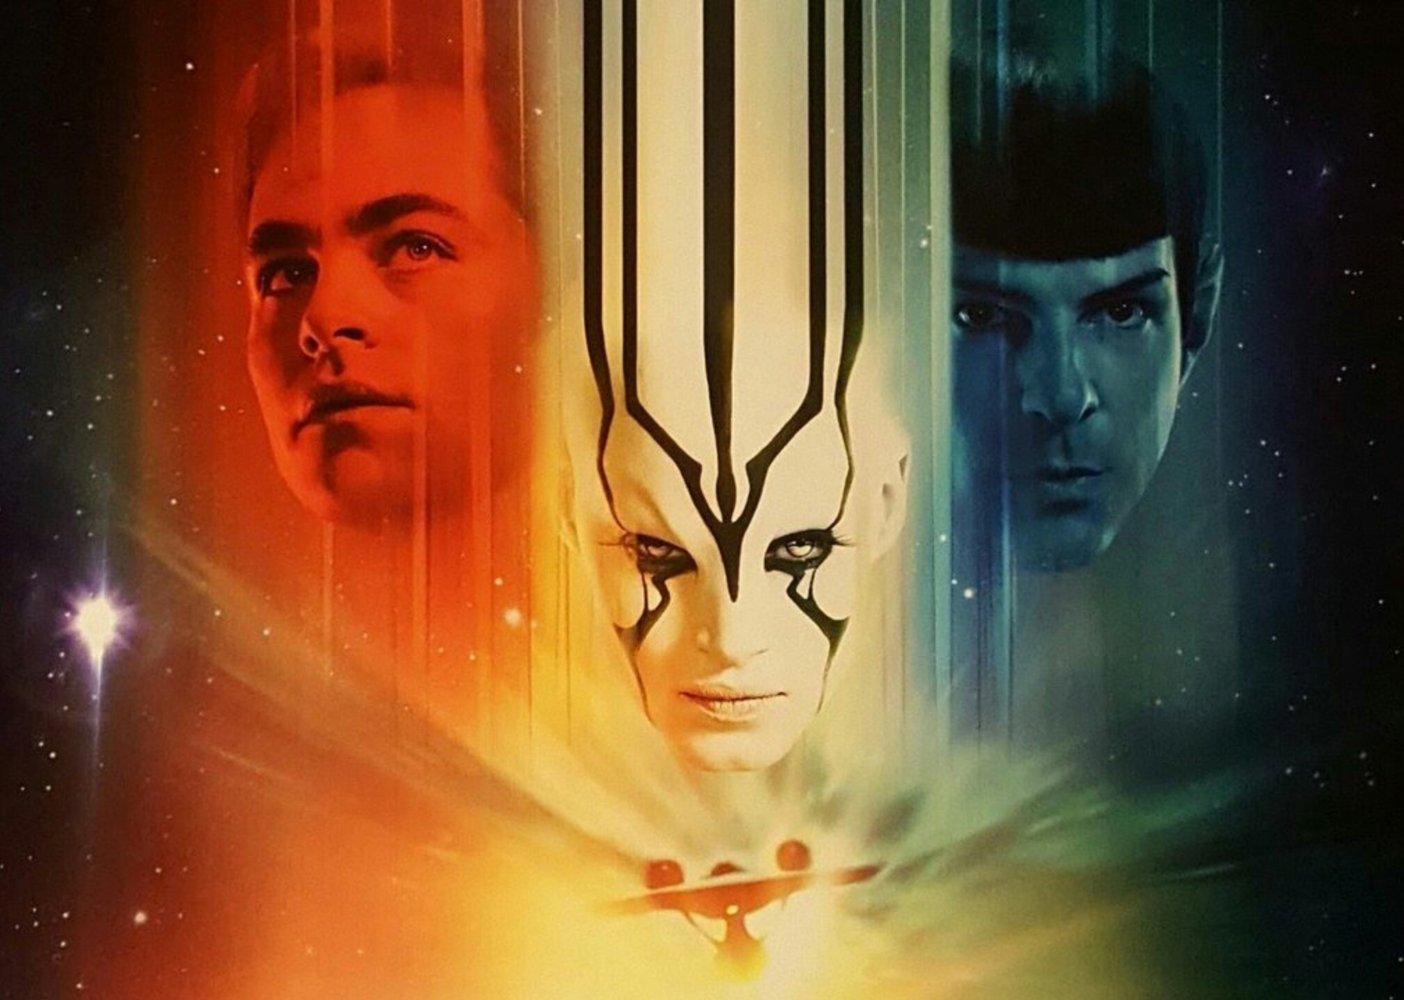 'Star Trek Beyond' Brings Back the Adventure